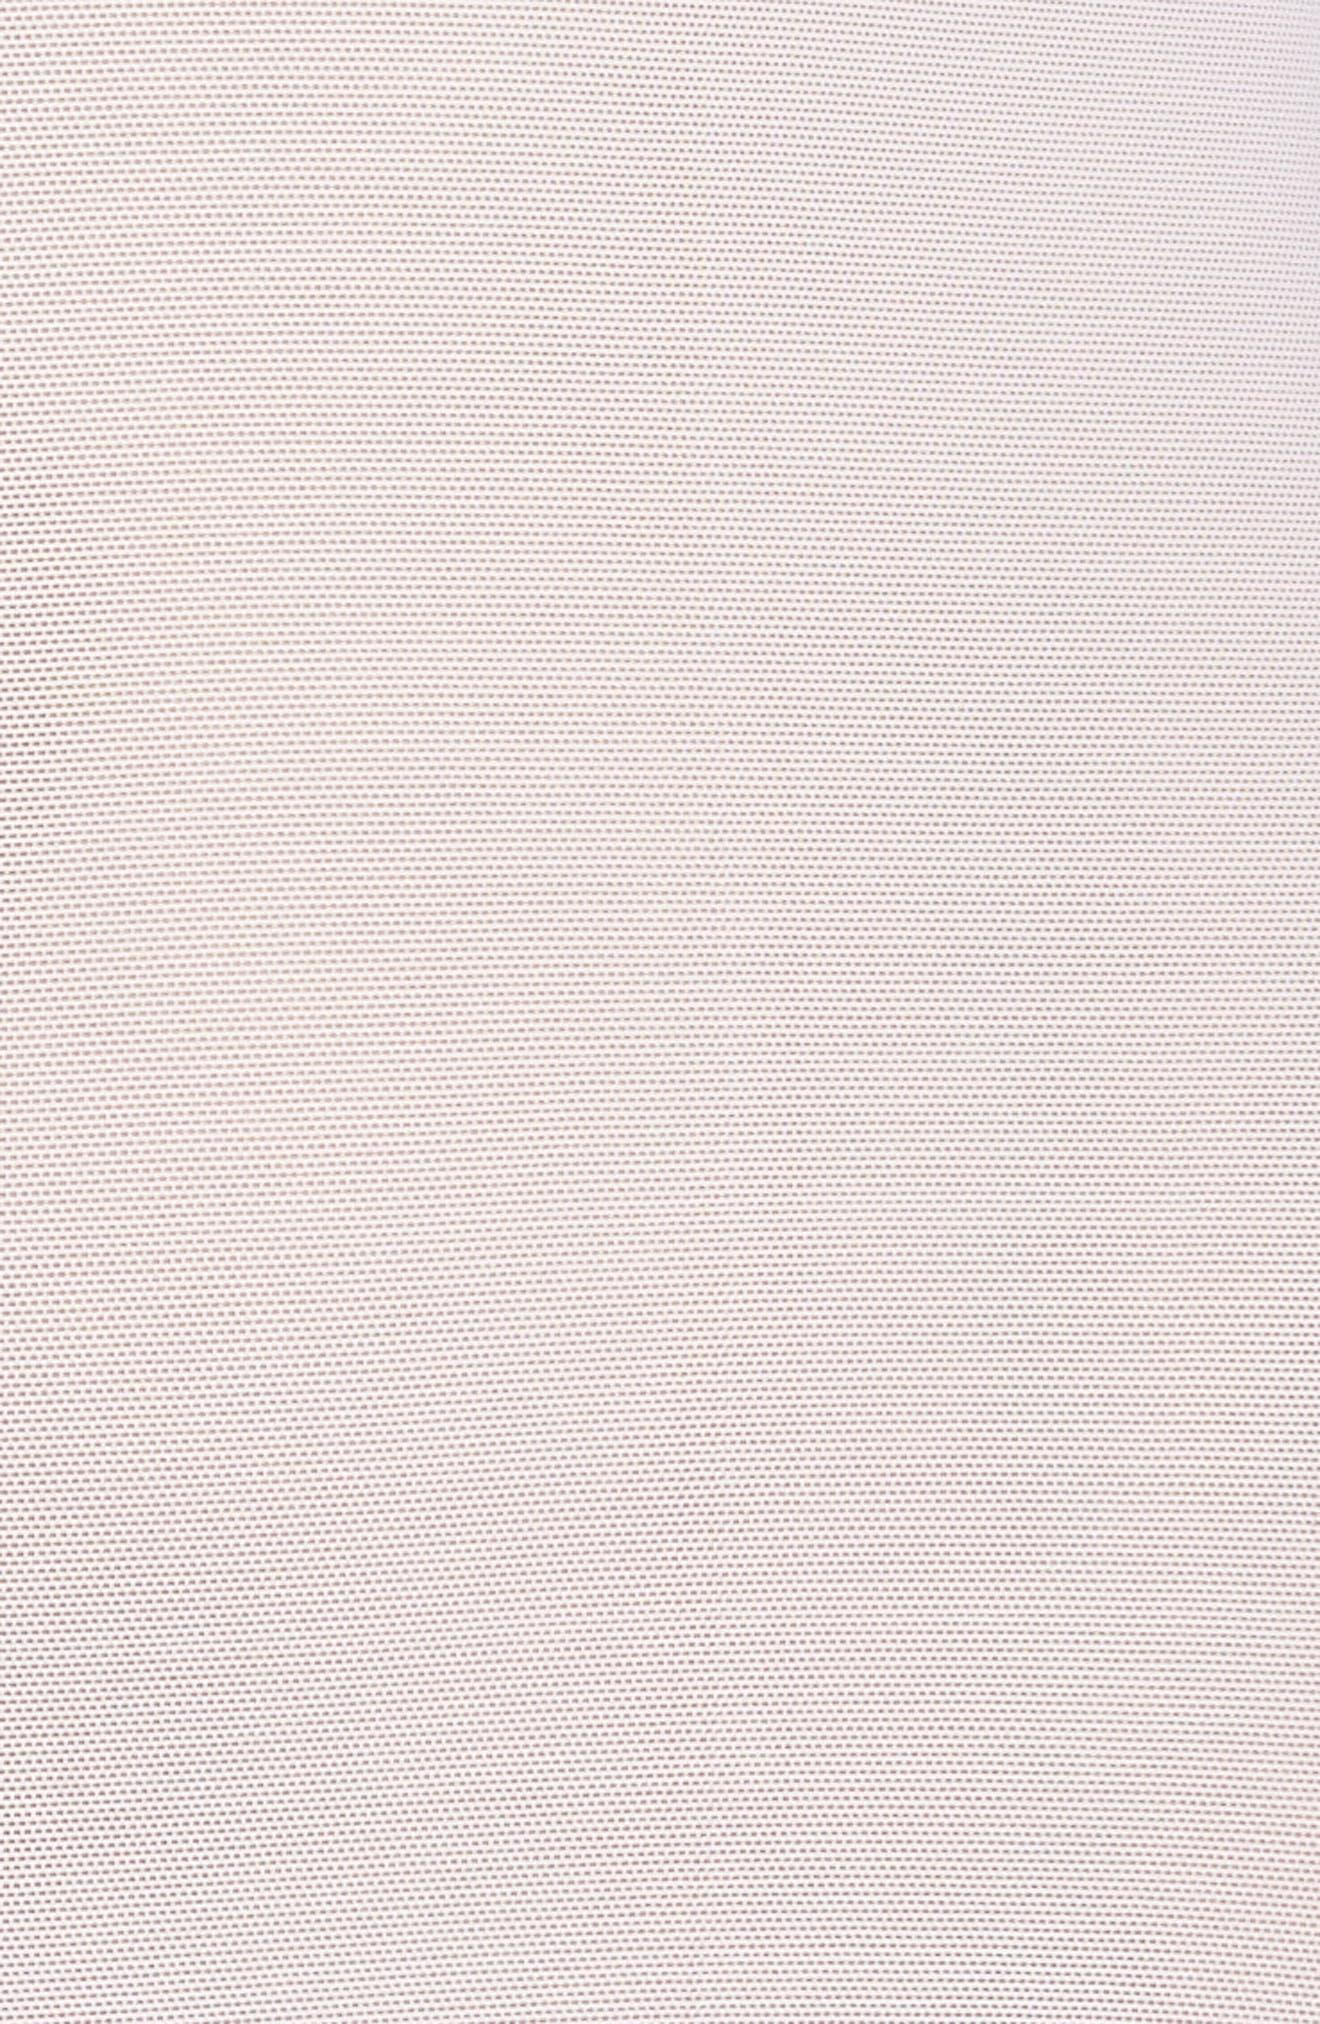 Fleur de Lis Lace Bodysuit,                             Alternate thumbnail 5, color,                             WHITE